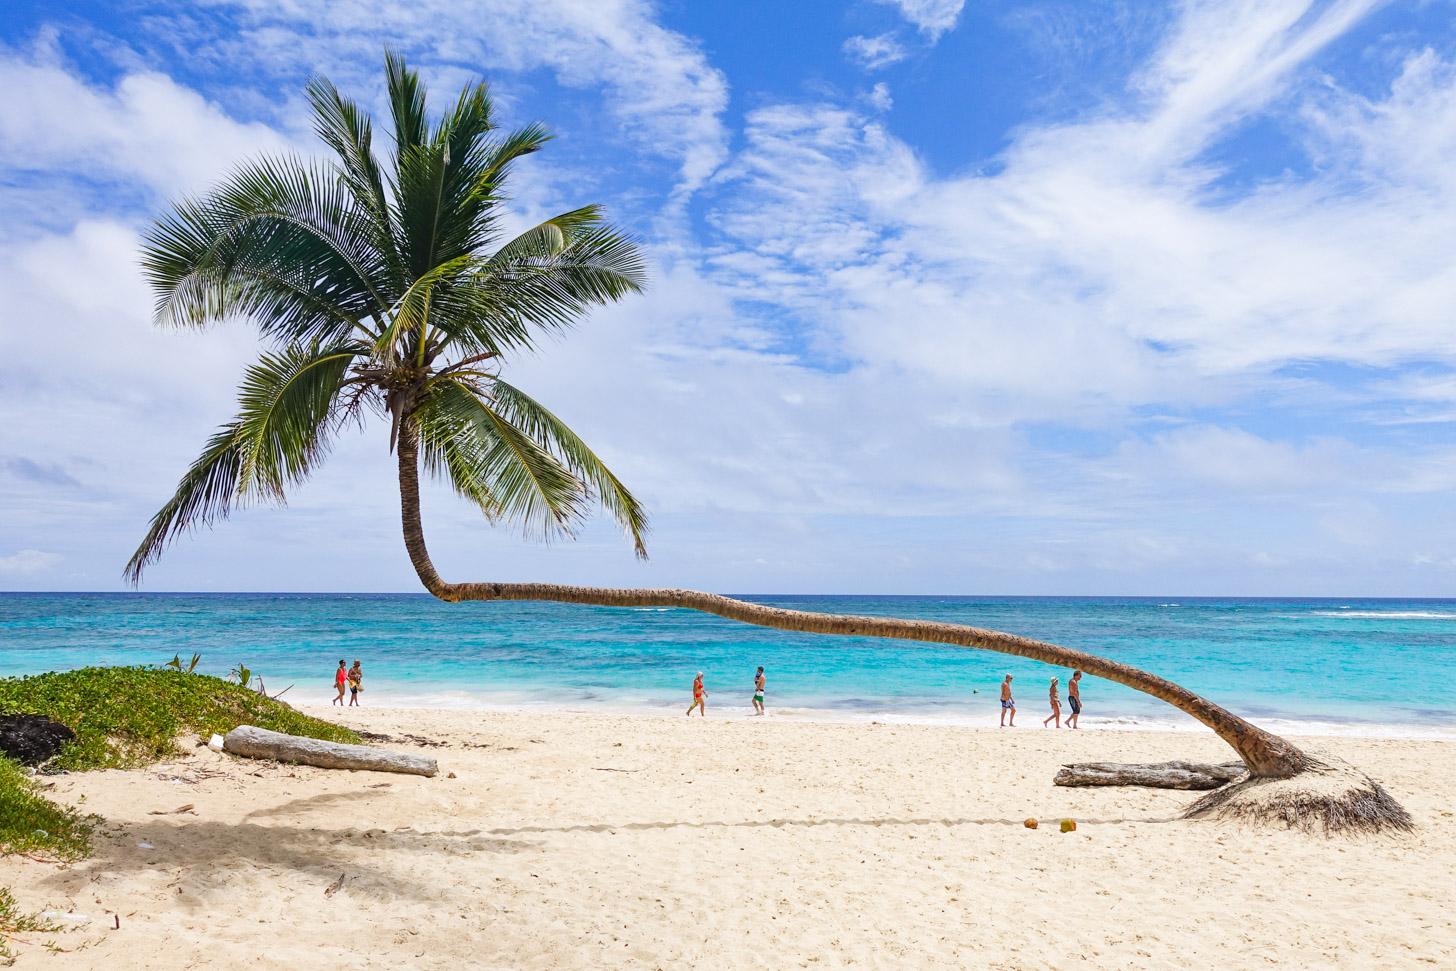 Een van de vele palmbomen in Punta Cana